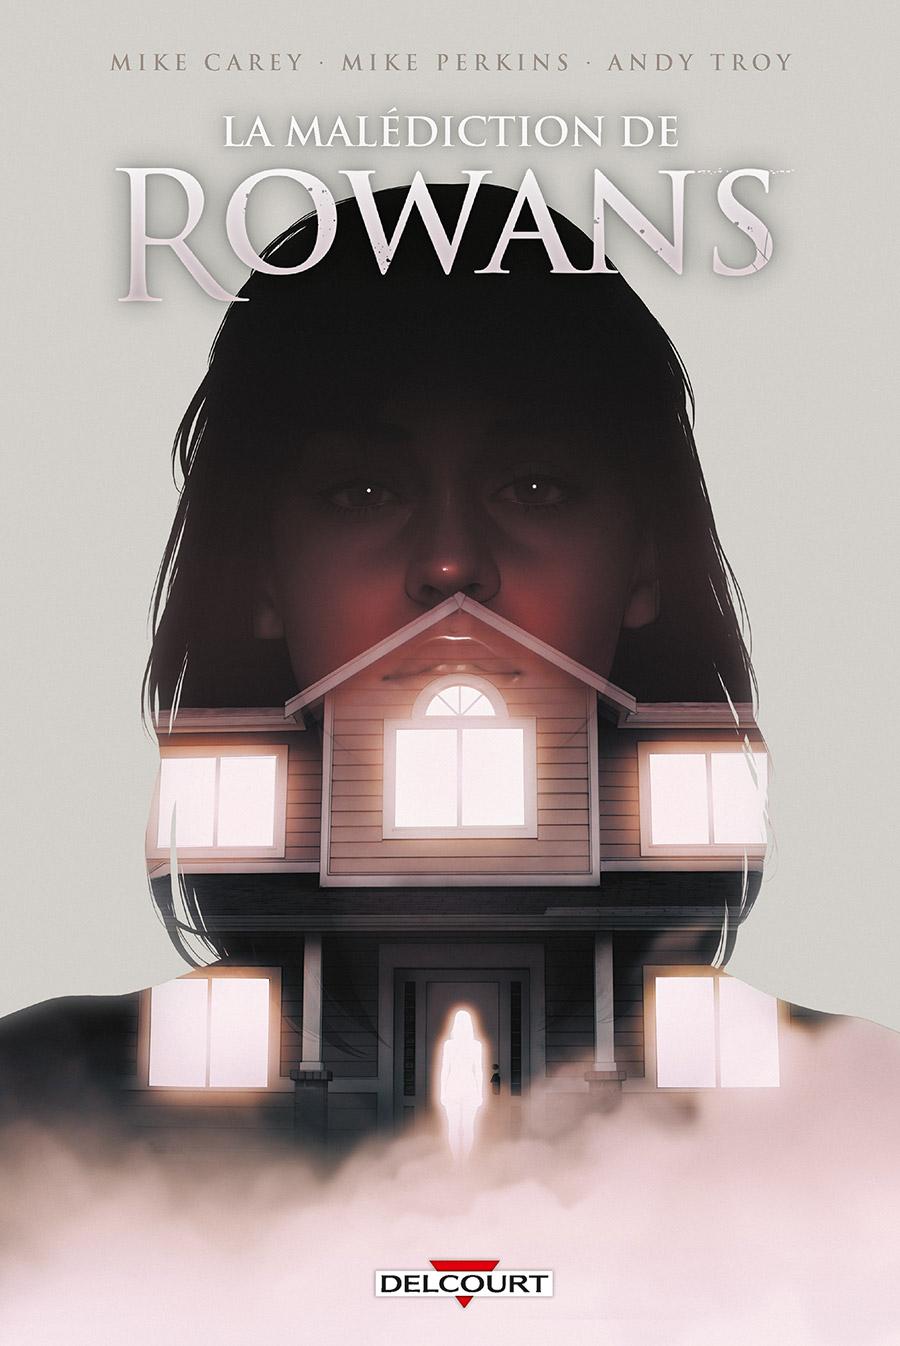 """Résultat de recherche d'images pour """"LA MALEDICTION DE ROWANS COMICS"""""""